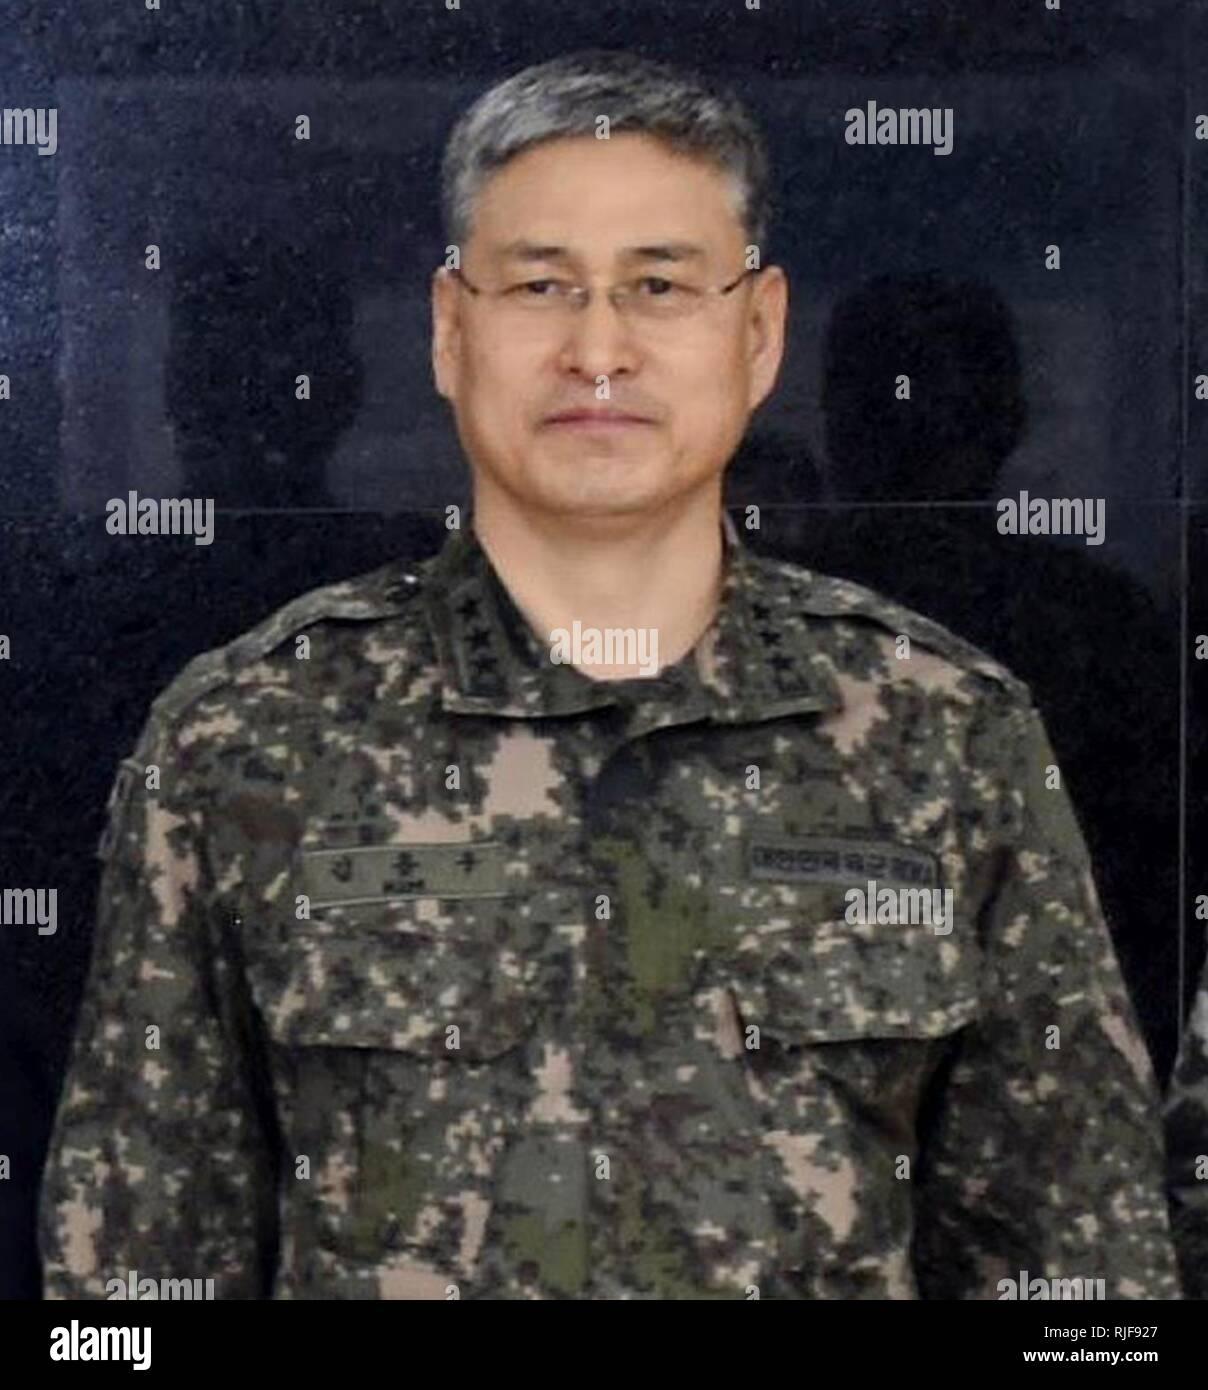 Esercito (ROKA) Il Tenente Generale Kim Comandante di U.S. Flotta del Pacifico sottolinea l importanza della ROK US Naval Partners 0068.jpg Immagini Stock